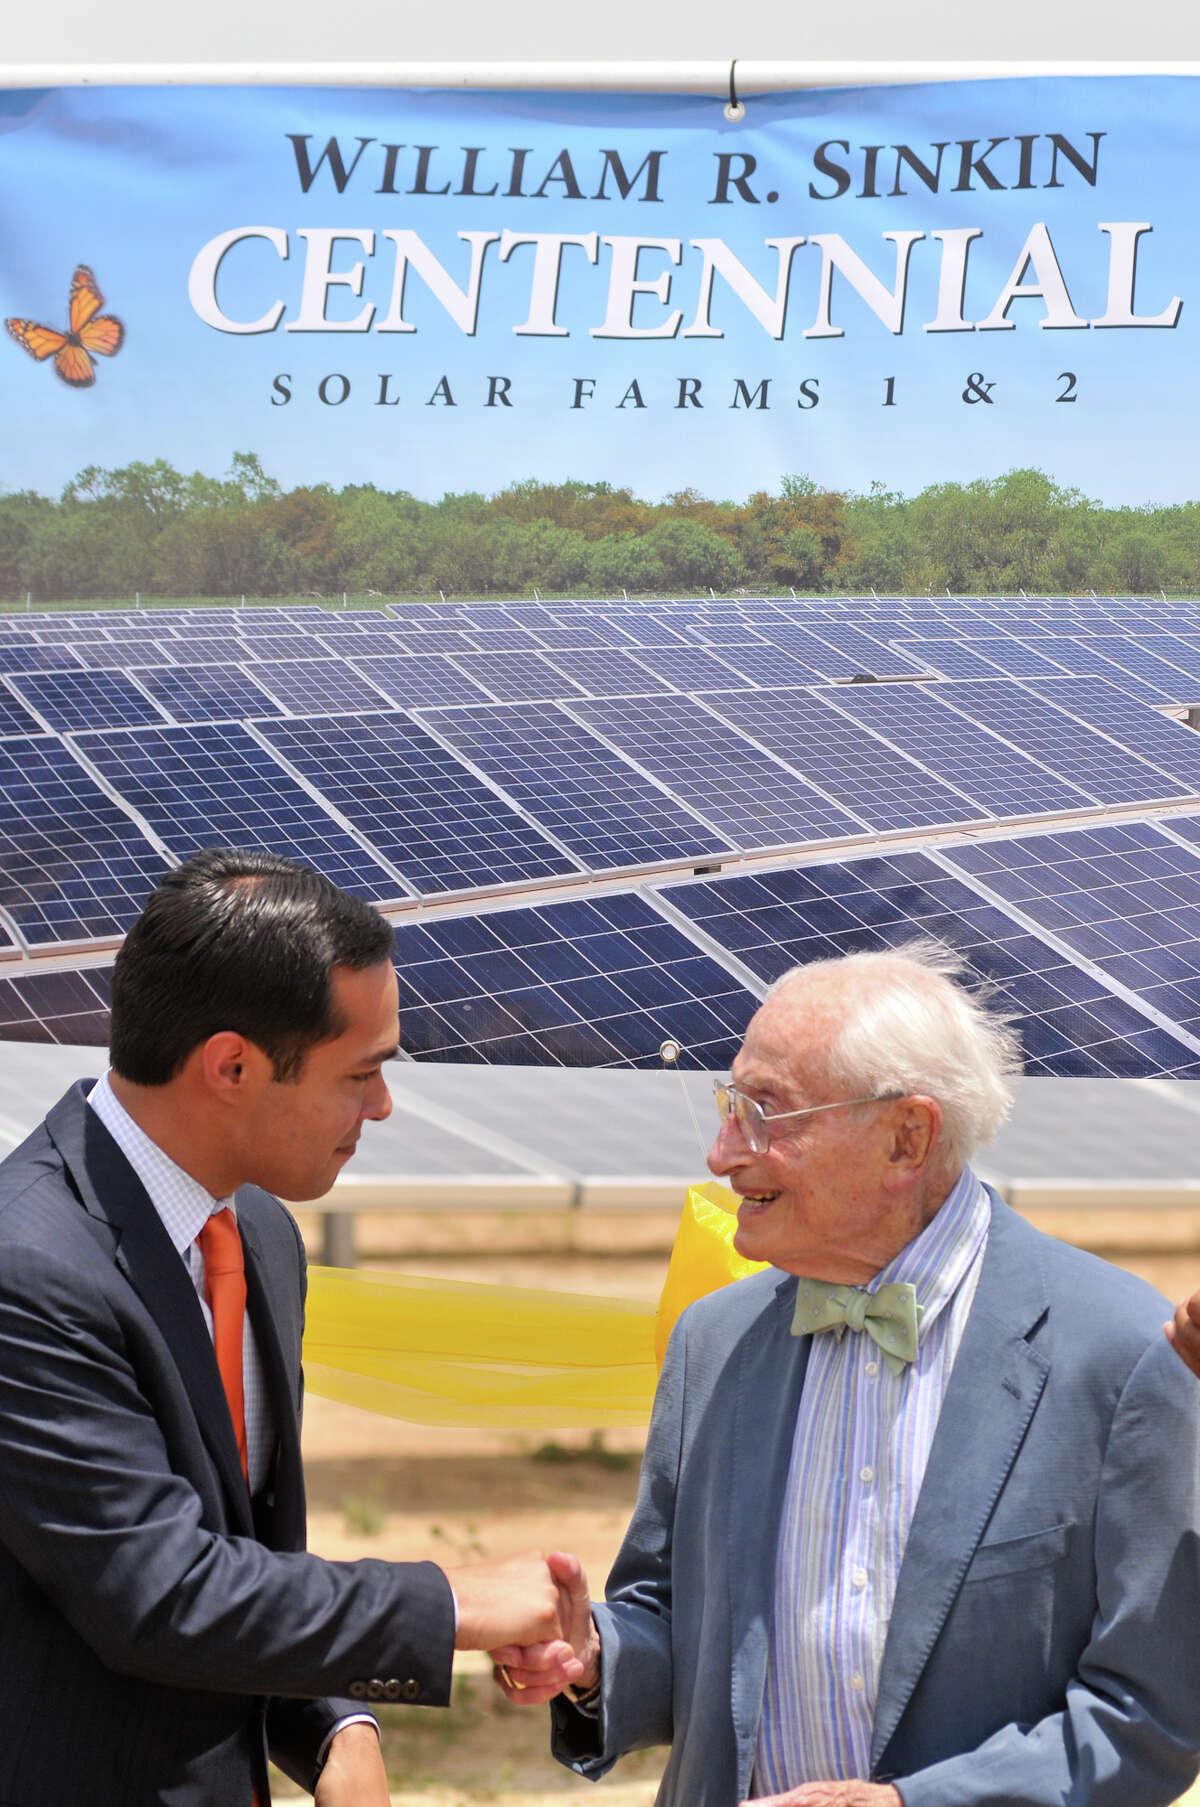 SLUG: Solar Farm-Photo Request 5776-June 18, 2012-San Antonio, Texas--Mayor Julian Castro (lrfy) congratulates solar power advocate William Sinkin during a ribbon cutting for a new, 20 mega-watt solar farm named after Sinkin.